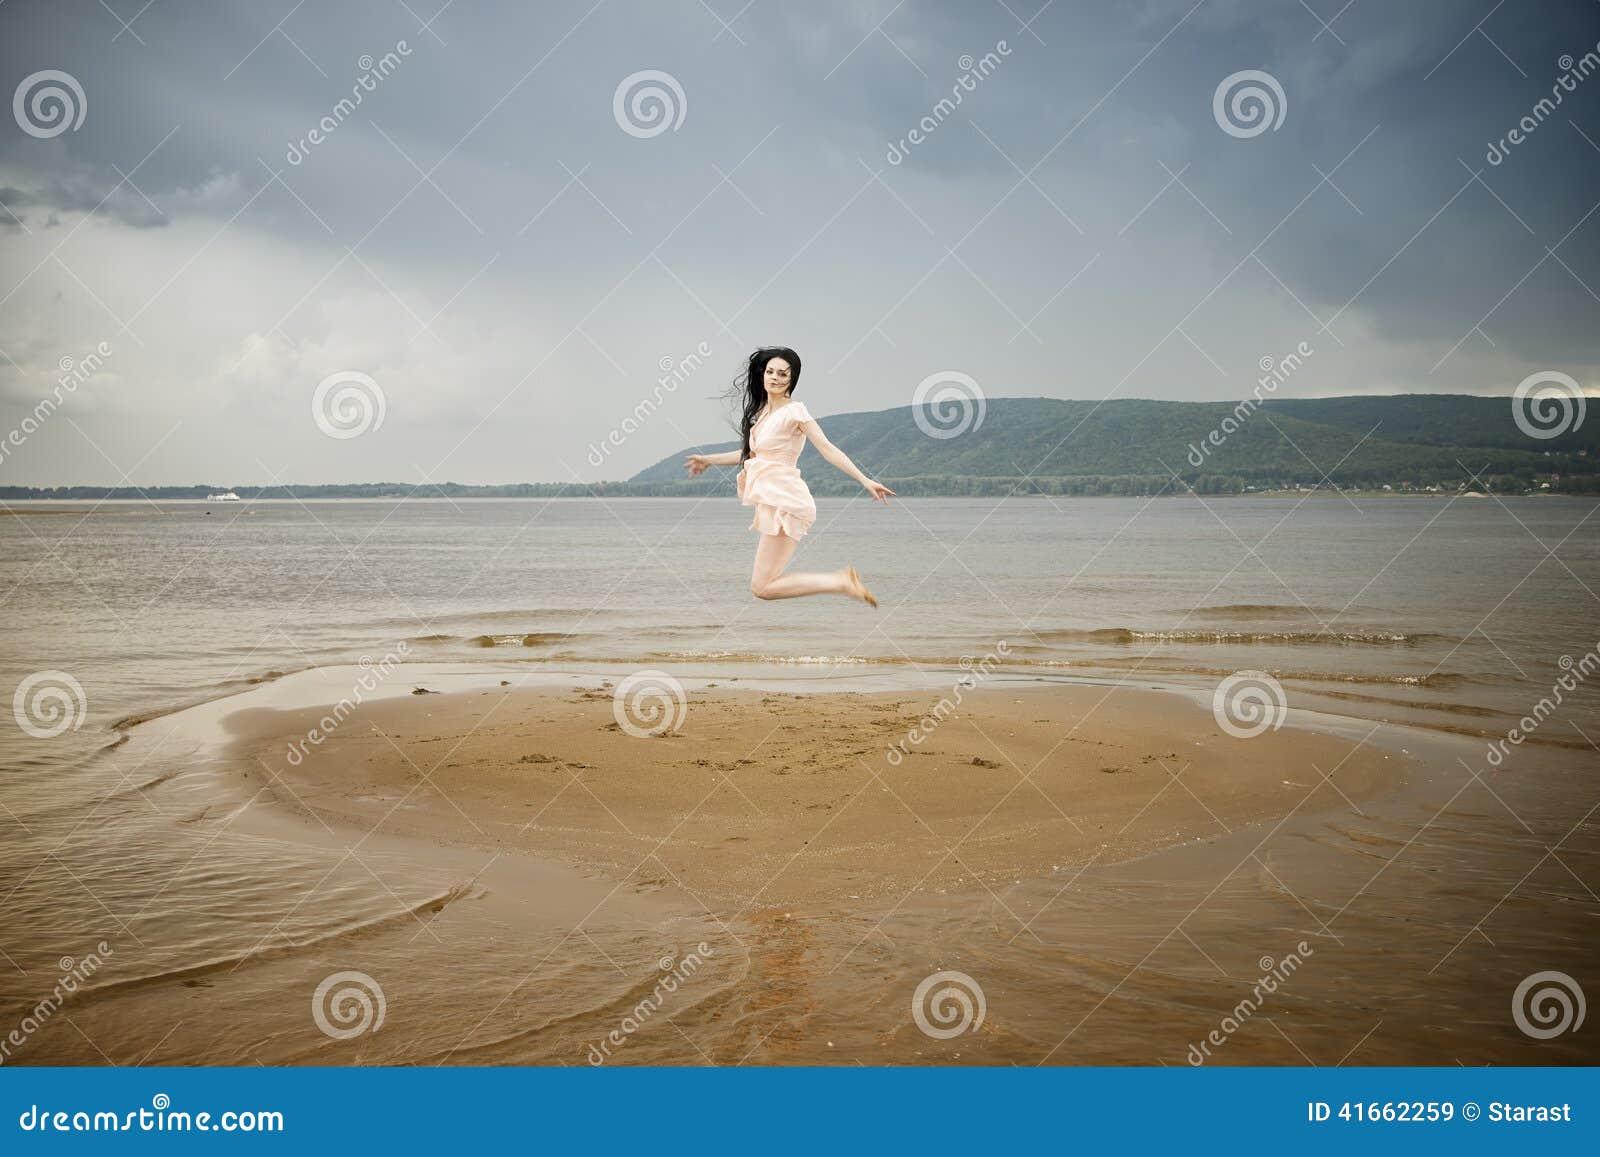 Красивая молодая женщина скача на песчаный пляж